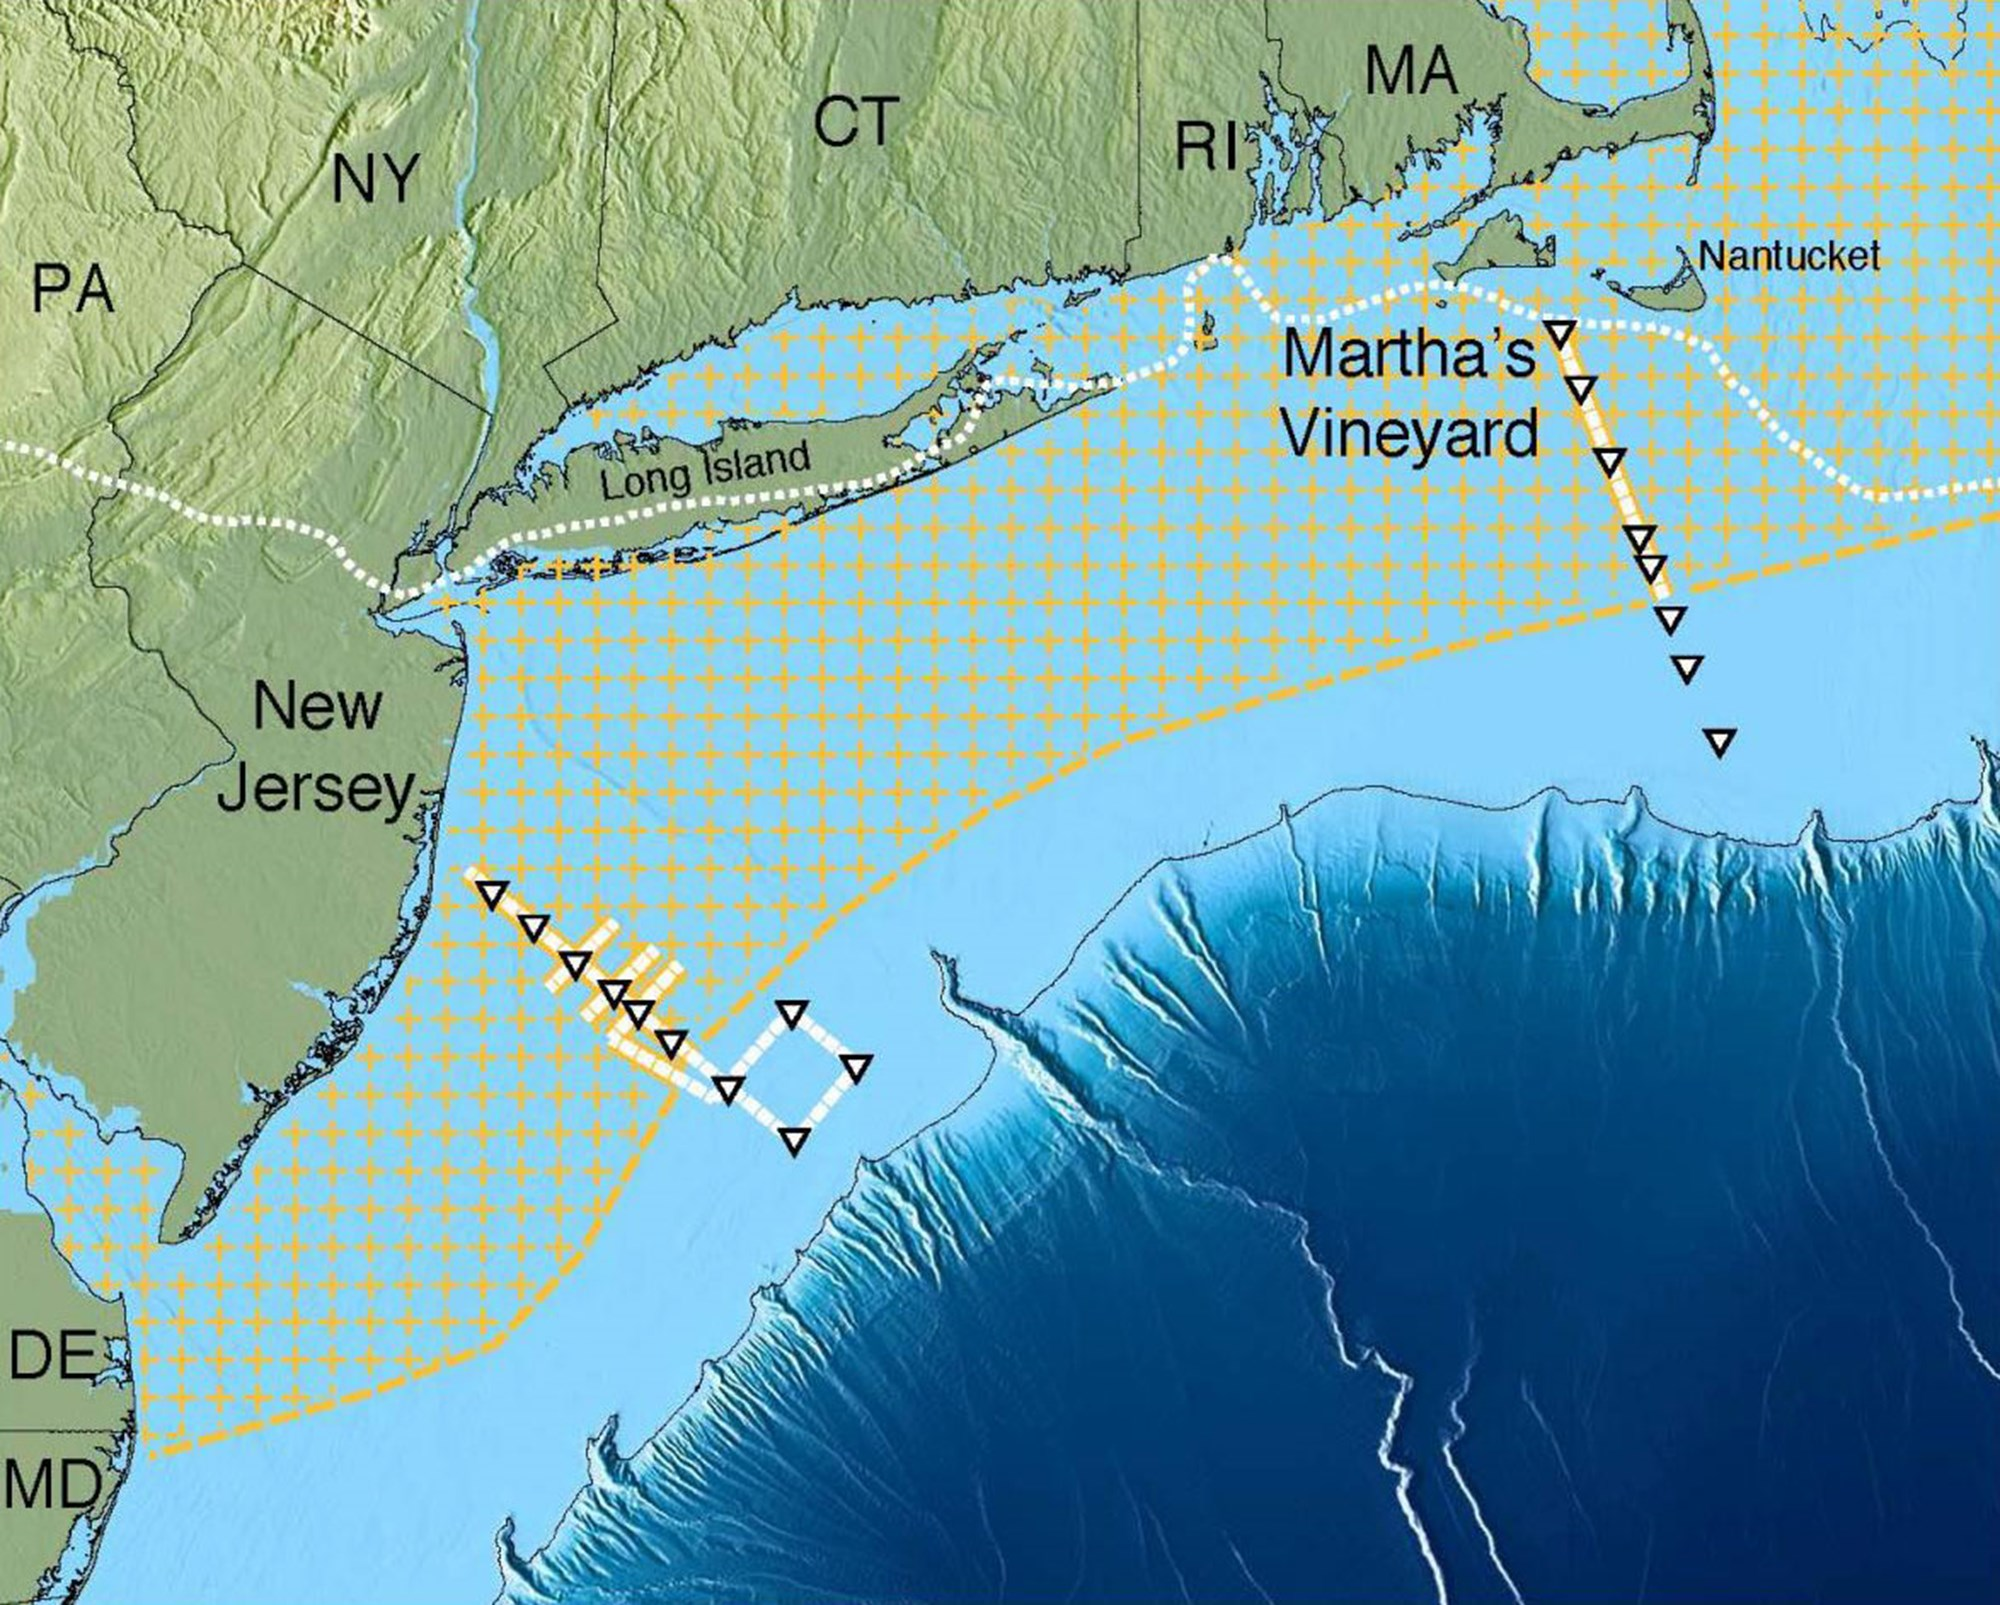 Gigantisches Süßwasserreservoir unter dem Meeresboden entdeckt – derStandard.at